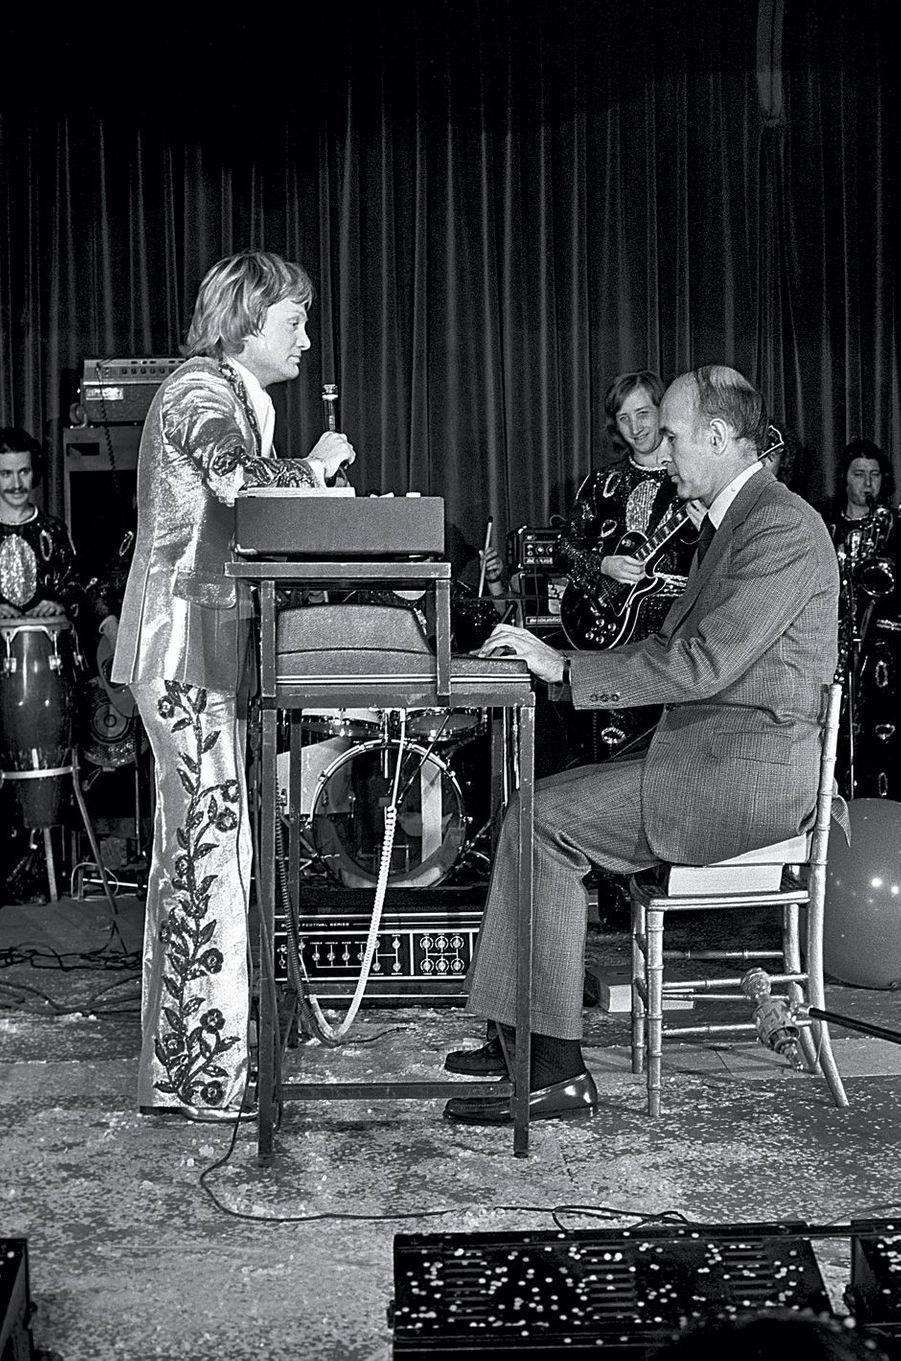 Elysée, 17 décembre 1975.Assis sur des annuaires, Valéry Giscard d'Estaing joue du piano électrique pour Claude François. Il est le premier président à participer au spectacle de l'Arbre de Noël.